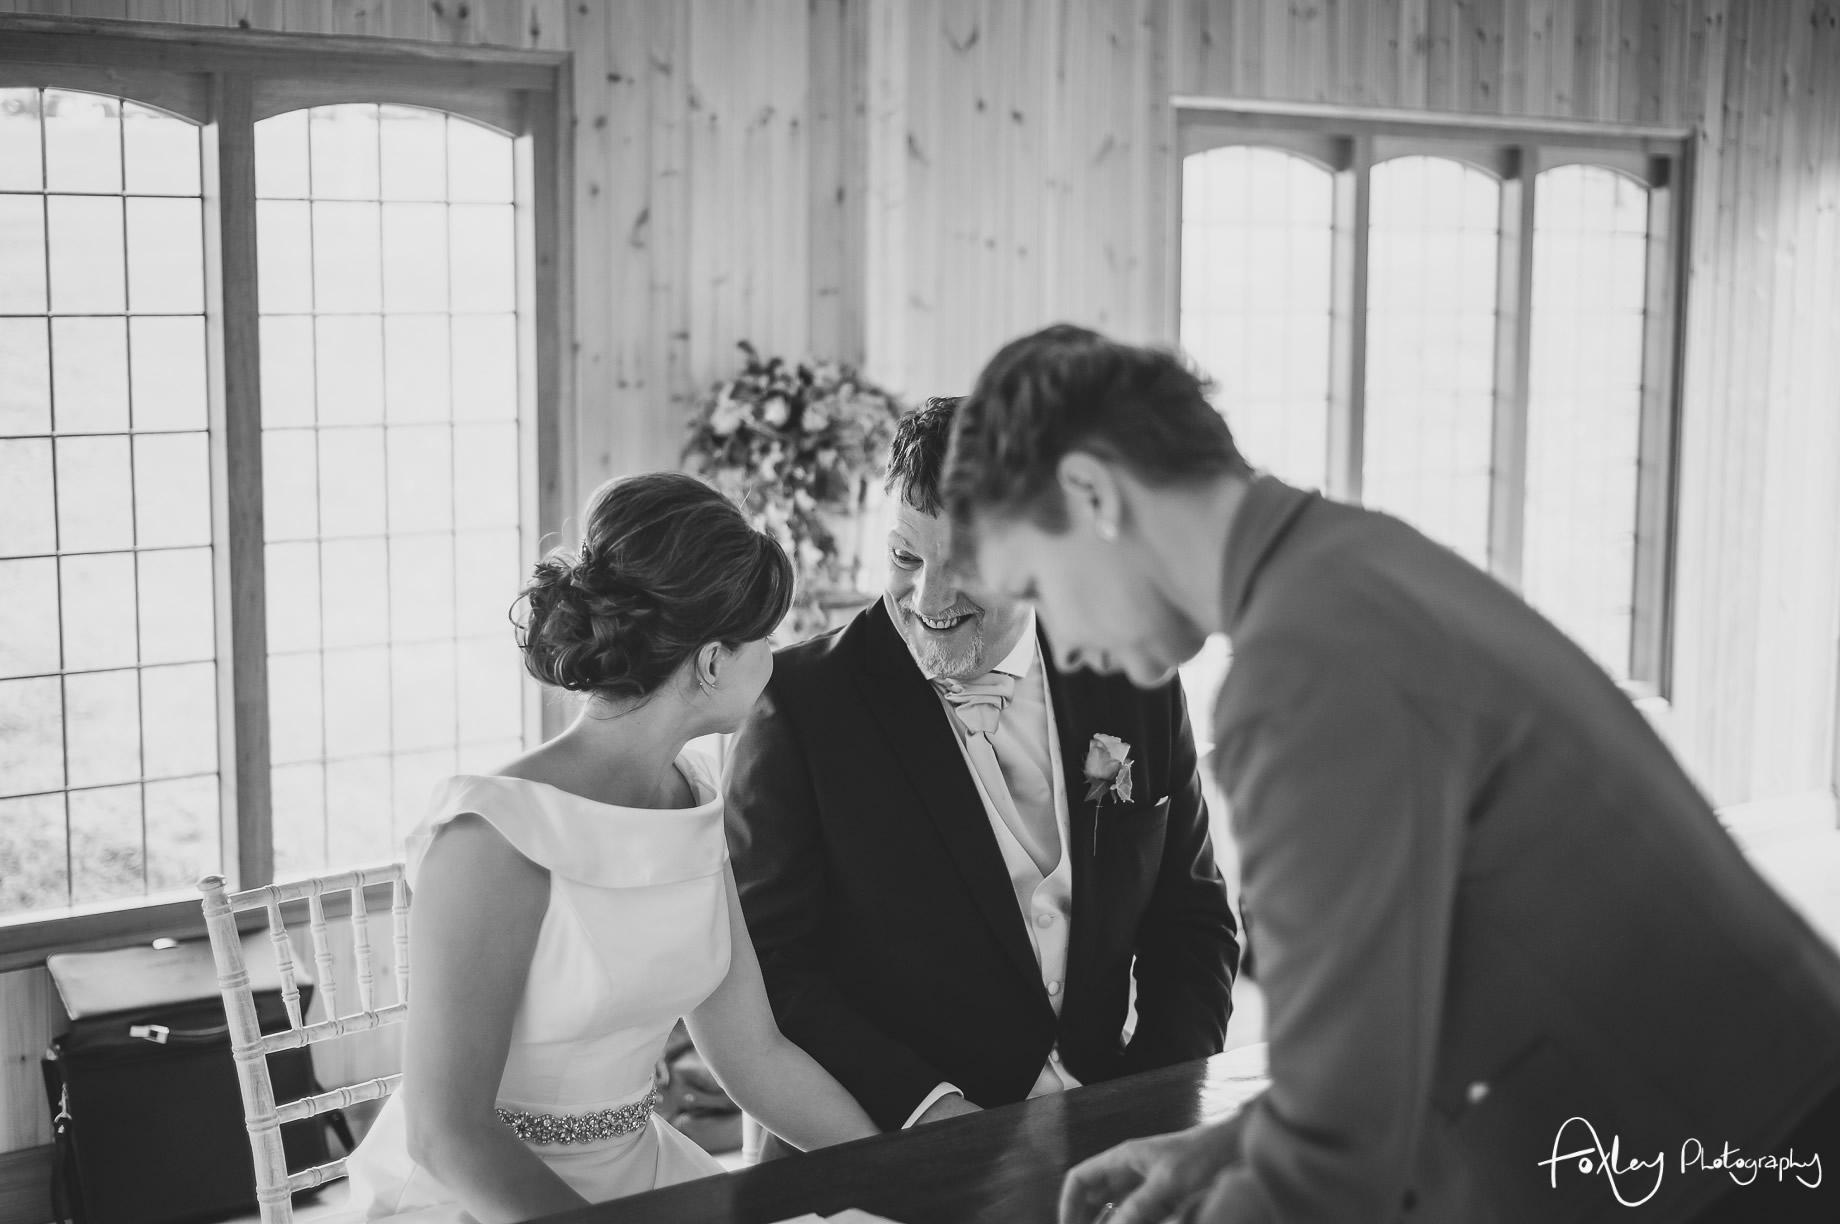 Simona-and-Robert-Wedding-at-Colshaw-Hall-106